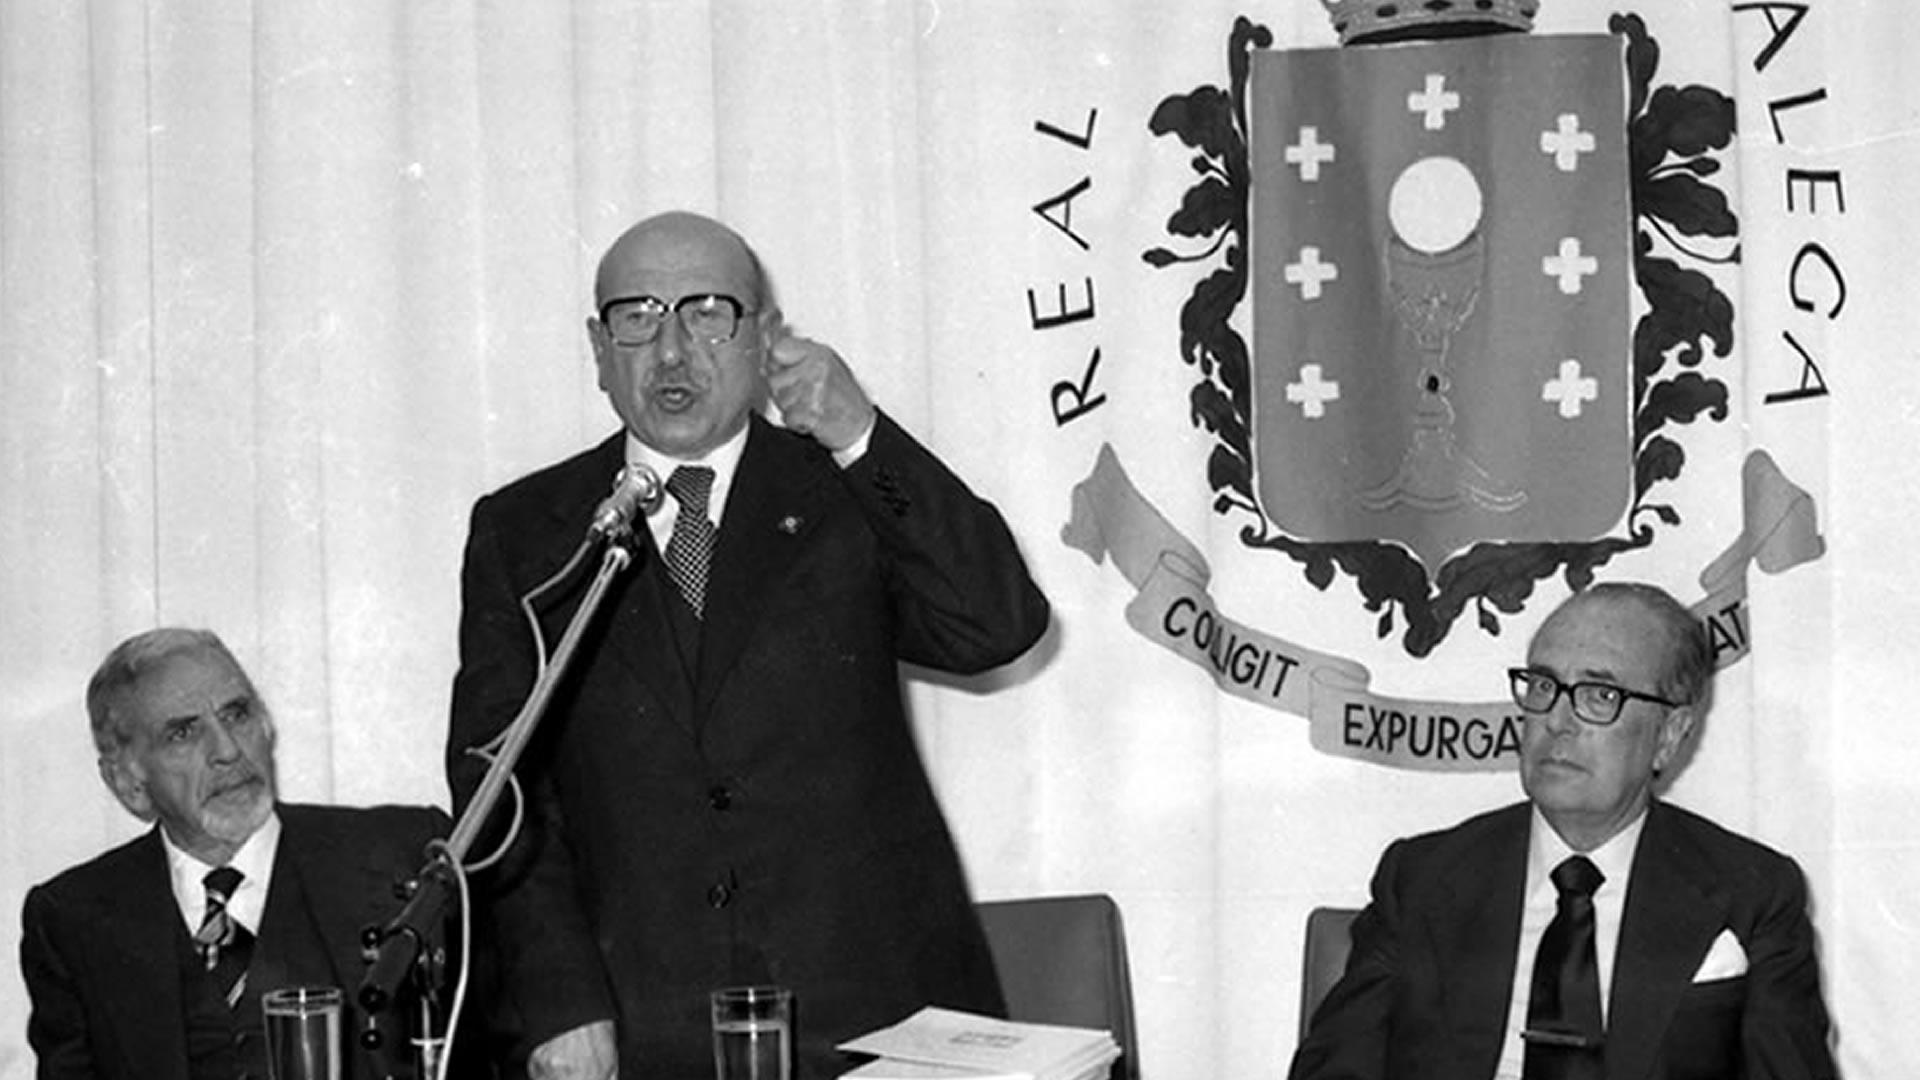 Epistolas de Ricardo Carballo Calero con Ramon Otero Pedrayo